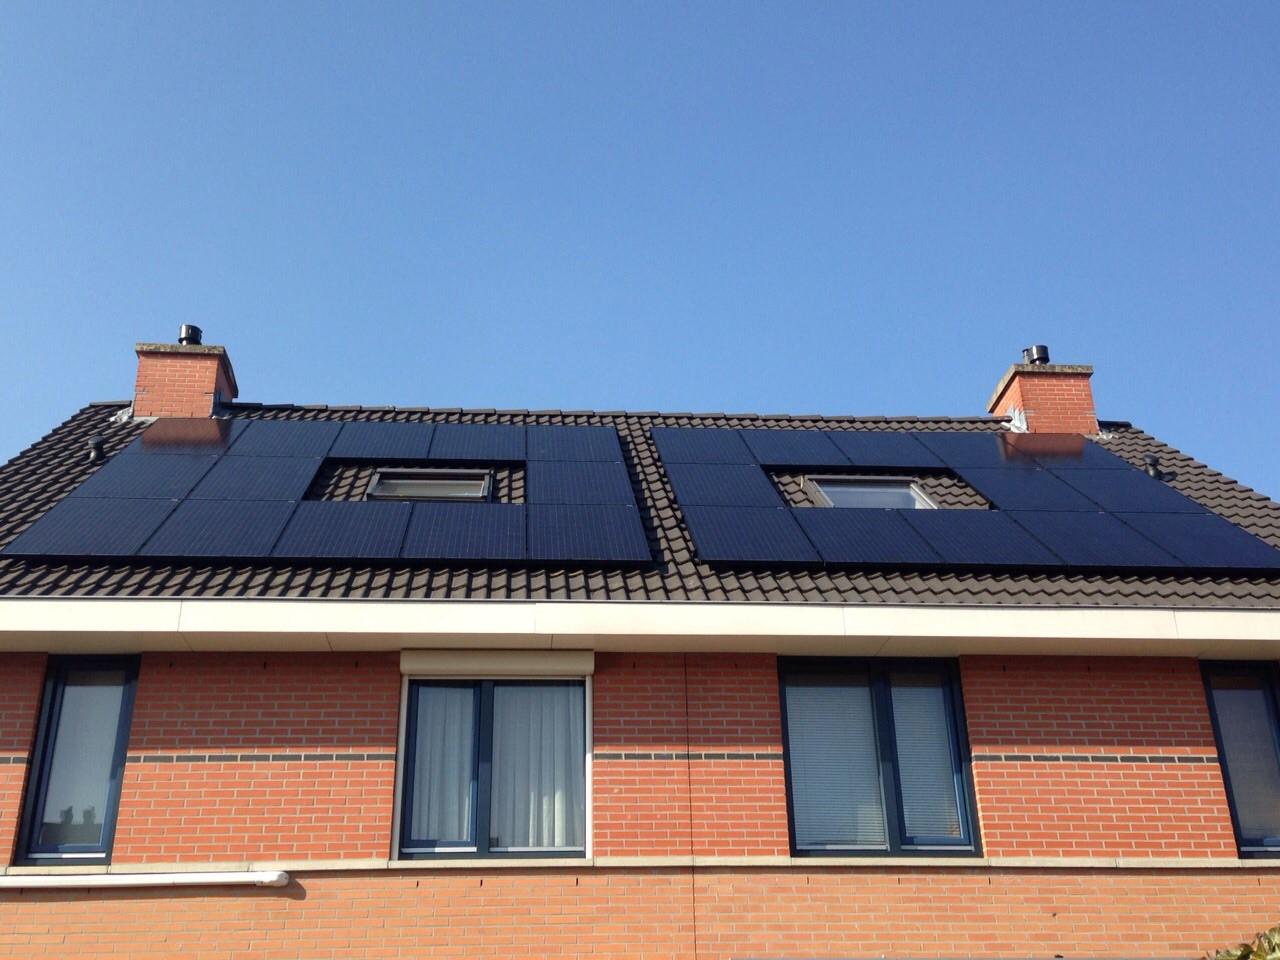 Zonnepanelen woonhuis schuin dak.jpg